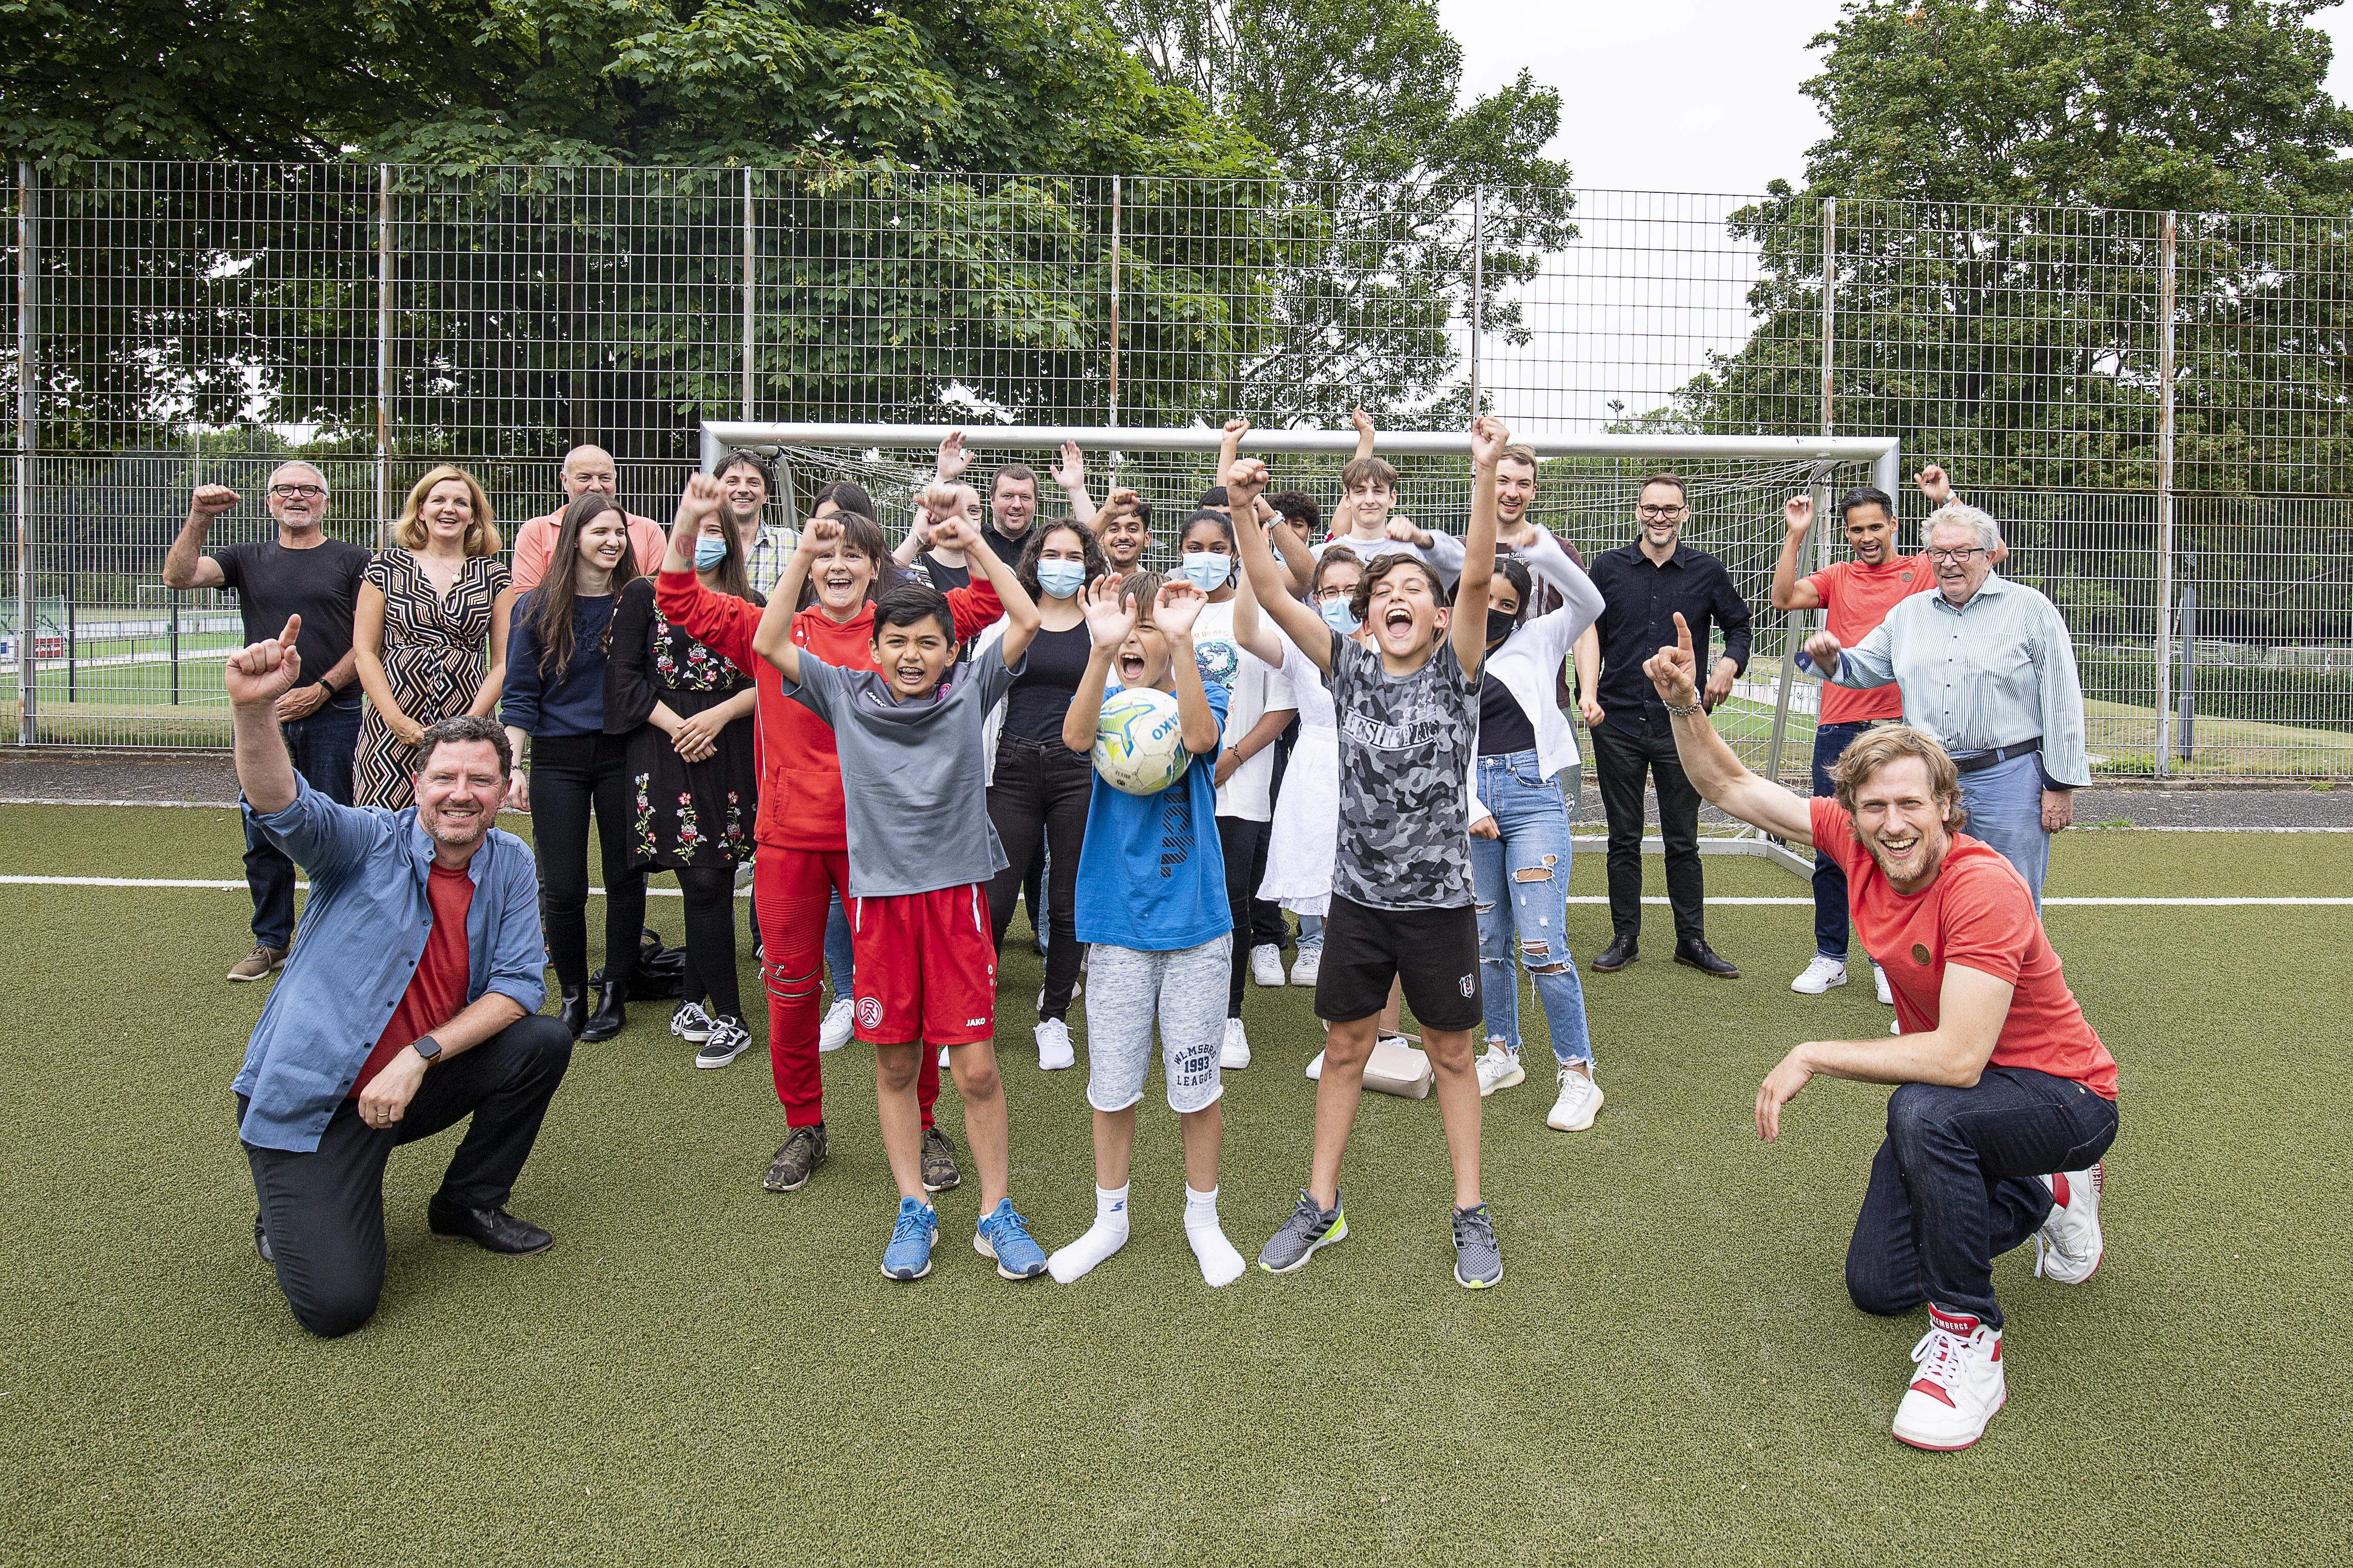 Draußen, geimpft und getestet: Endlich Sommerpause für Lernort-Team sowie Kinder und Jugendliche (Foto: Peil/Essener Chancen).